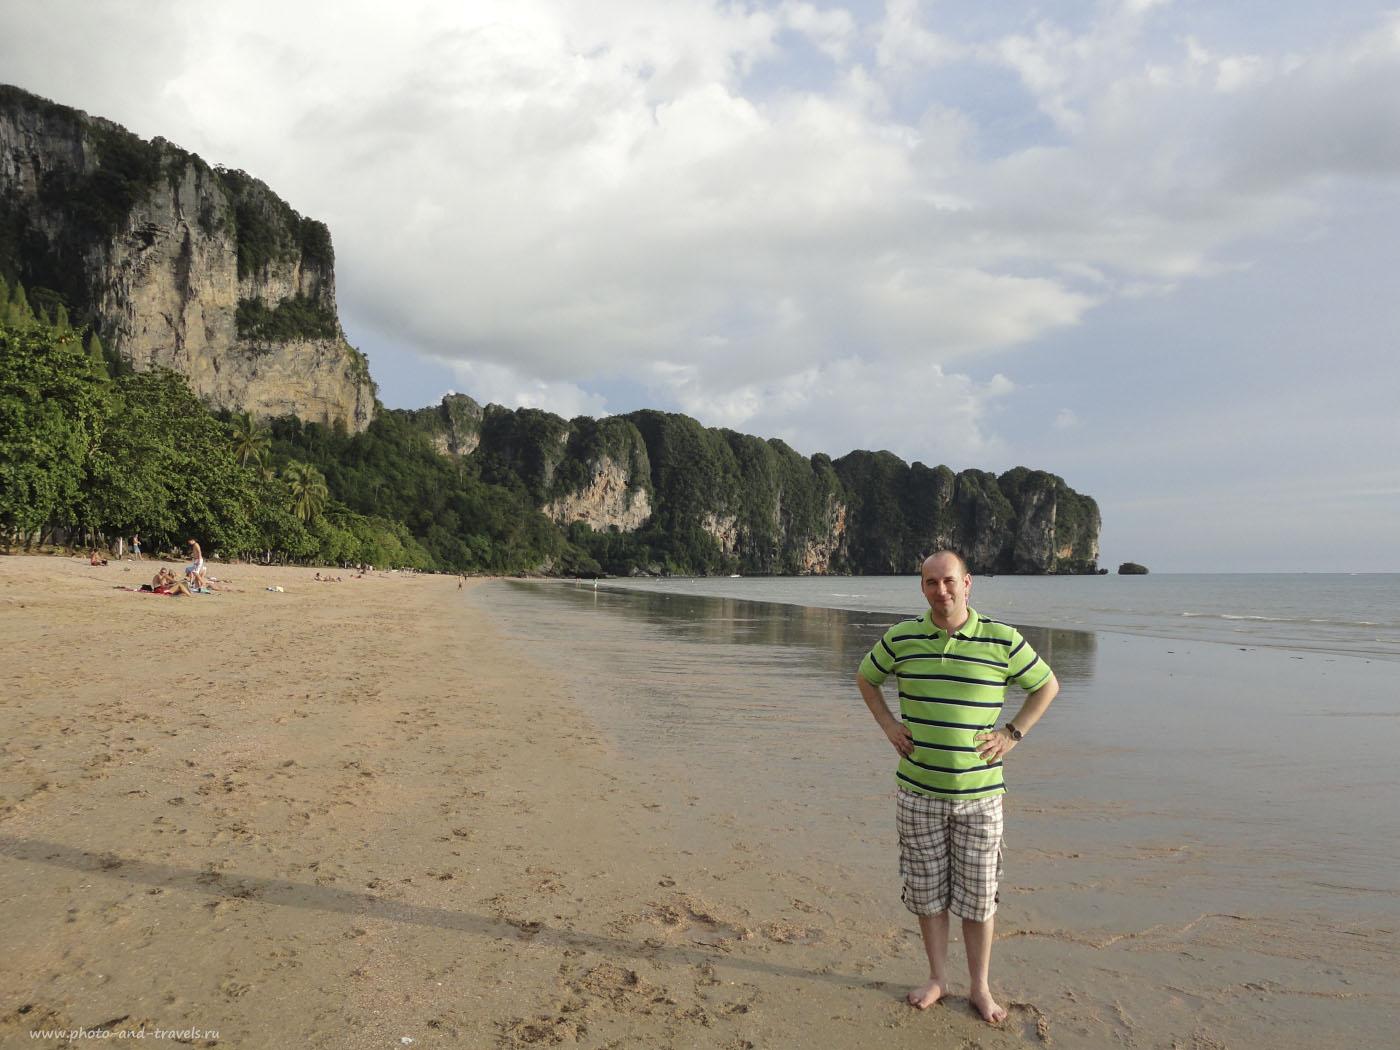 Фотография 2. Отдых в Таиланде самостоятельно. Тихий вечер на пляже Ао Нанг (Ao Nang) в провинции Краби. На заднем плане скалы, за которыми скрываются пляжи Рейли (Railay Beach). Туда можно добраться только на лодке. В отзыве о туре по Таиланду за рулем весной 2015 рассказал, как самостоятельно доплыть до островов или до Рейли.